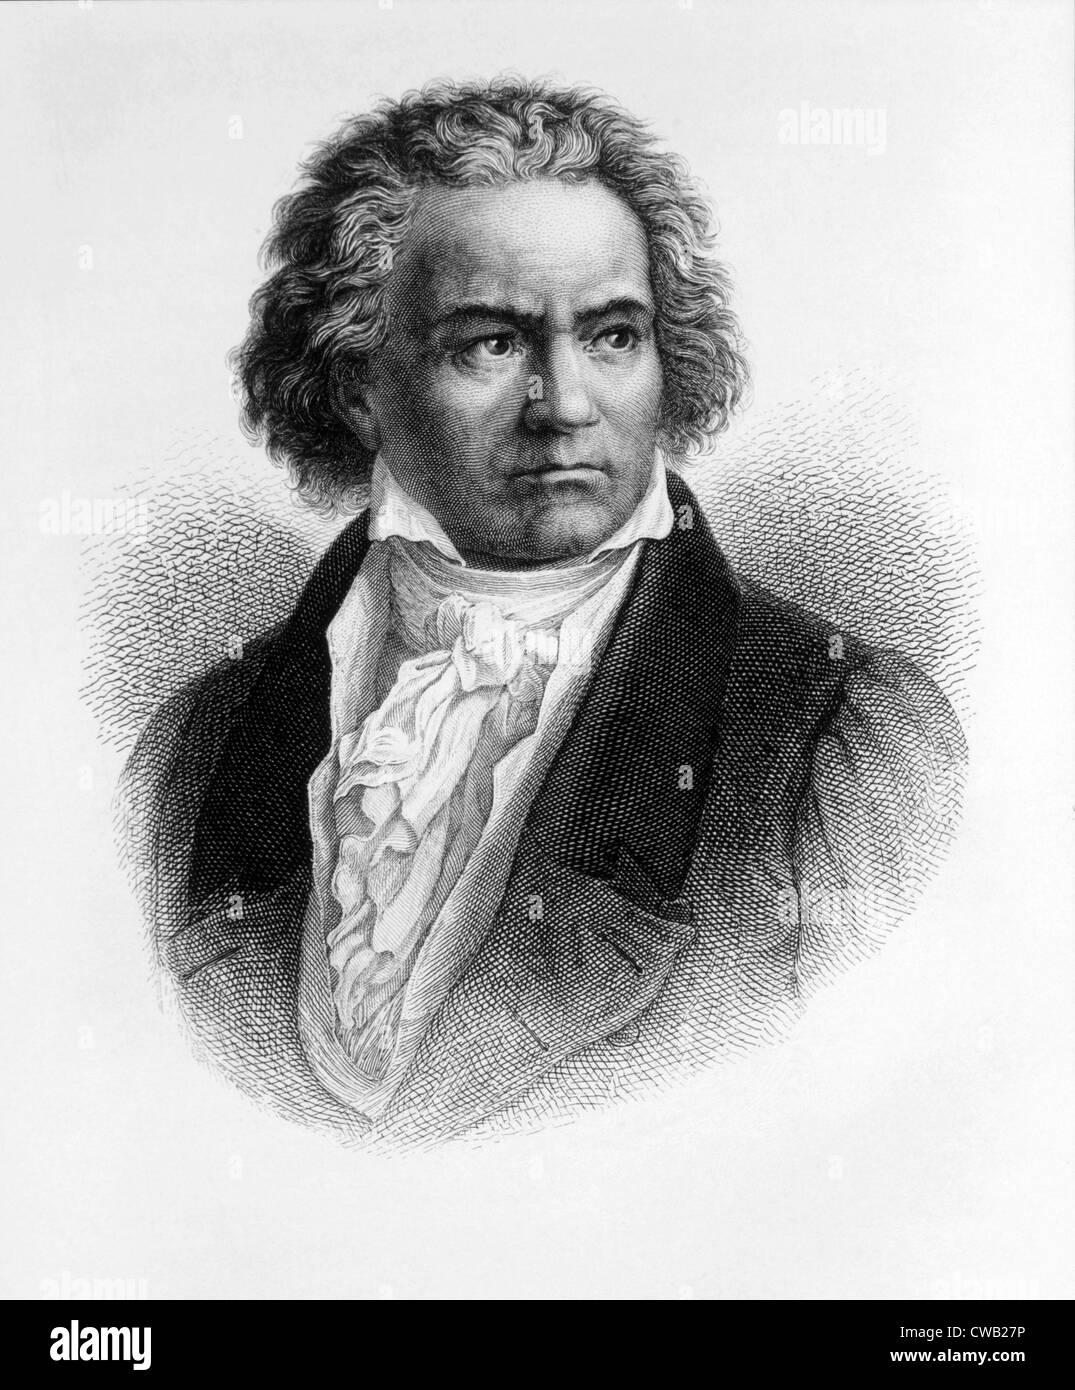 Ludwig van Beethoven (1770-1827) Stock Photo